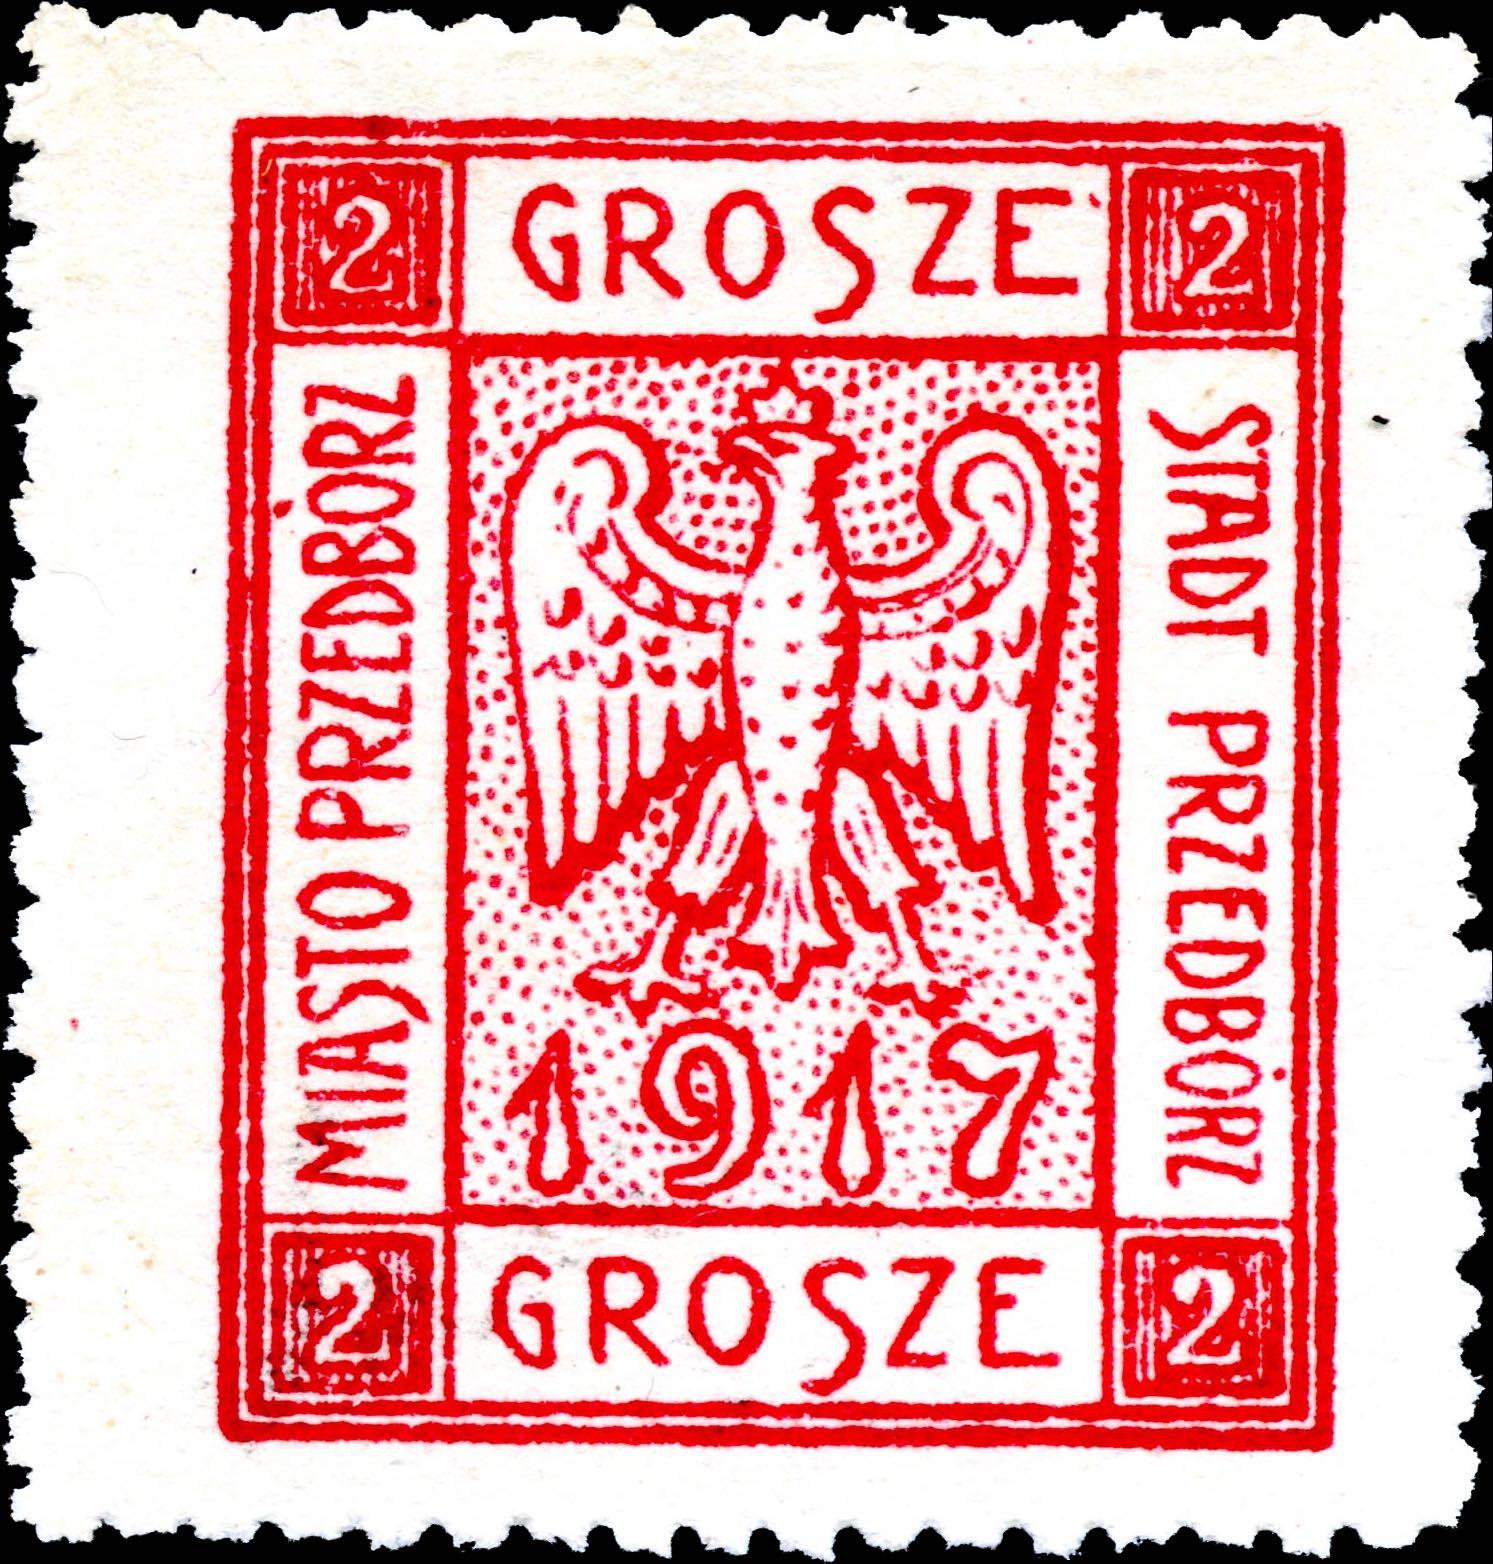 przedborz_1917_eagle_2g_type4_forgery